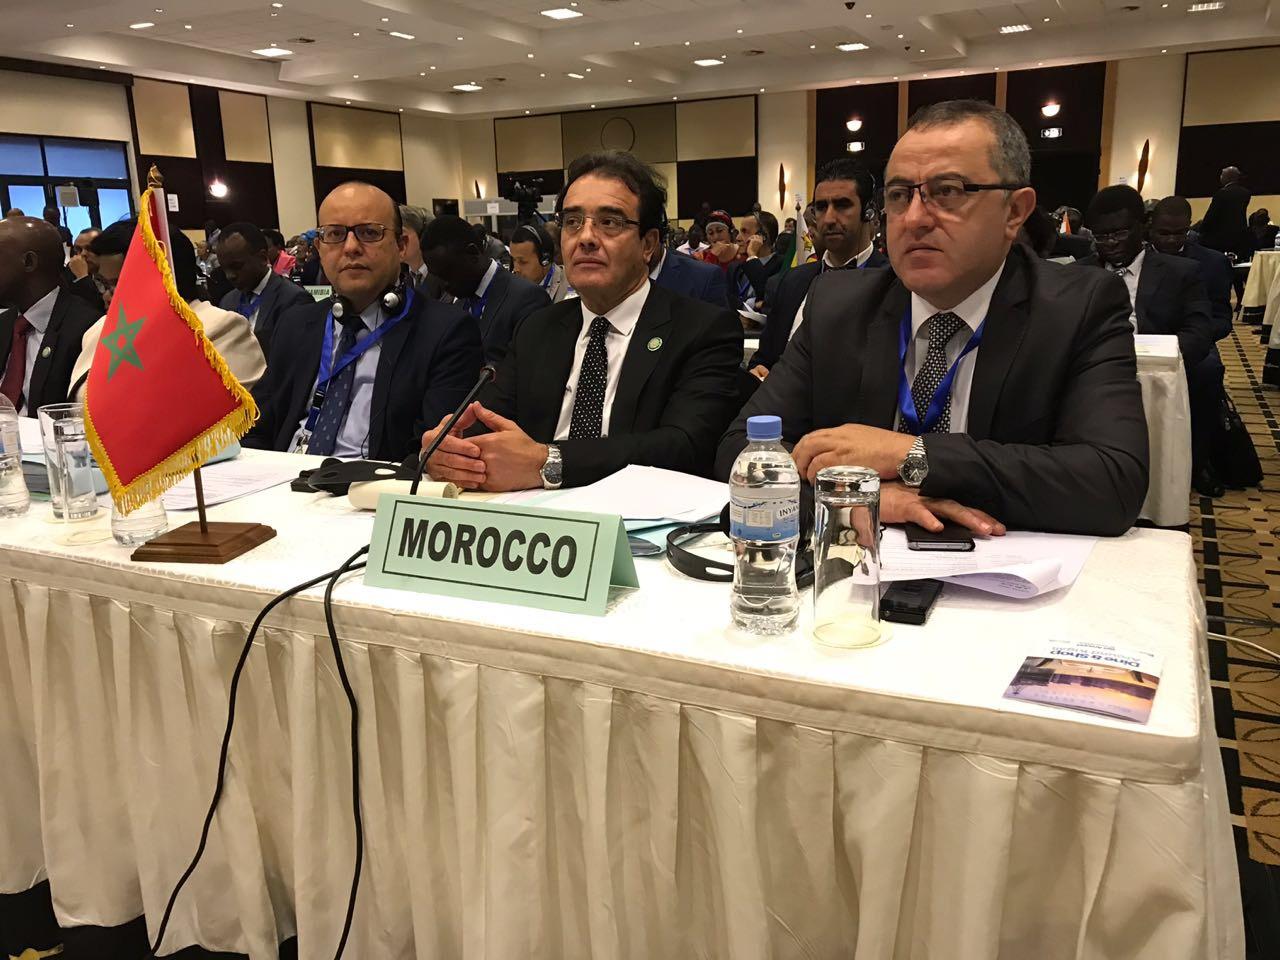 المغرب يكسب برواندا معركة ديبلوماسية ضد خصوم الوحدة الترابية